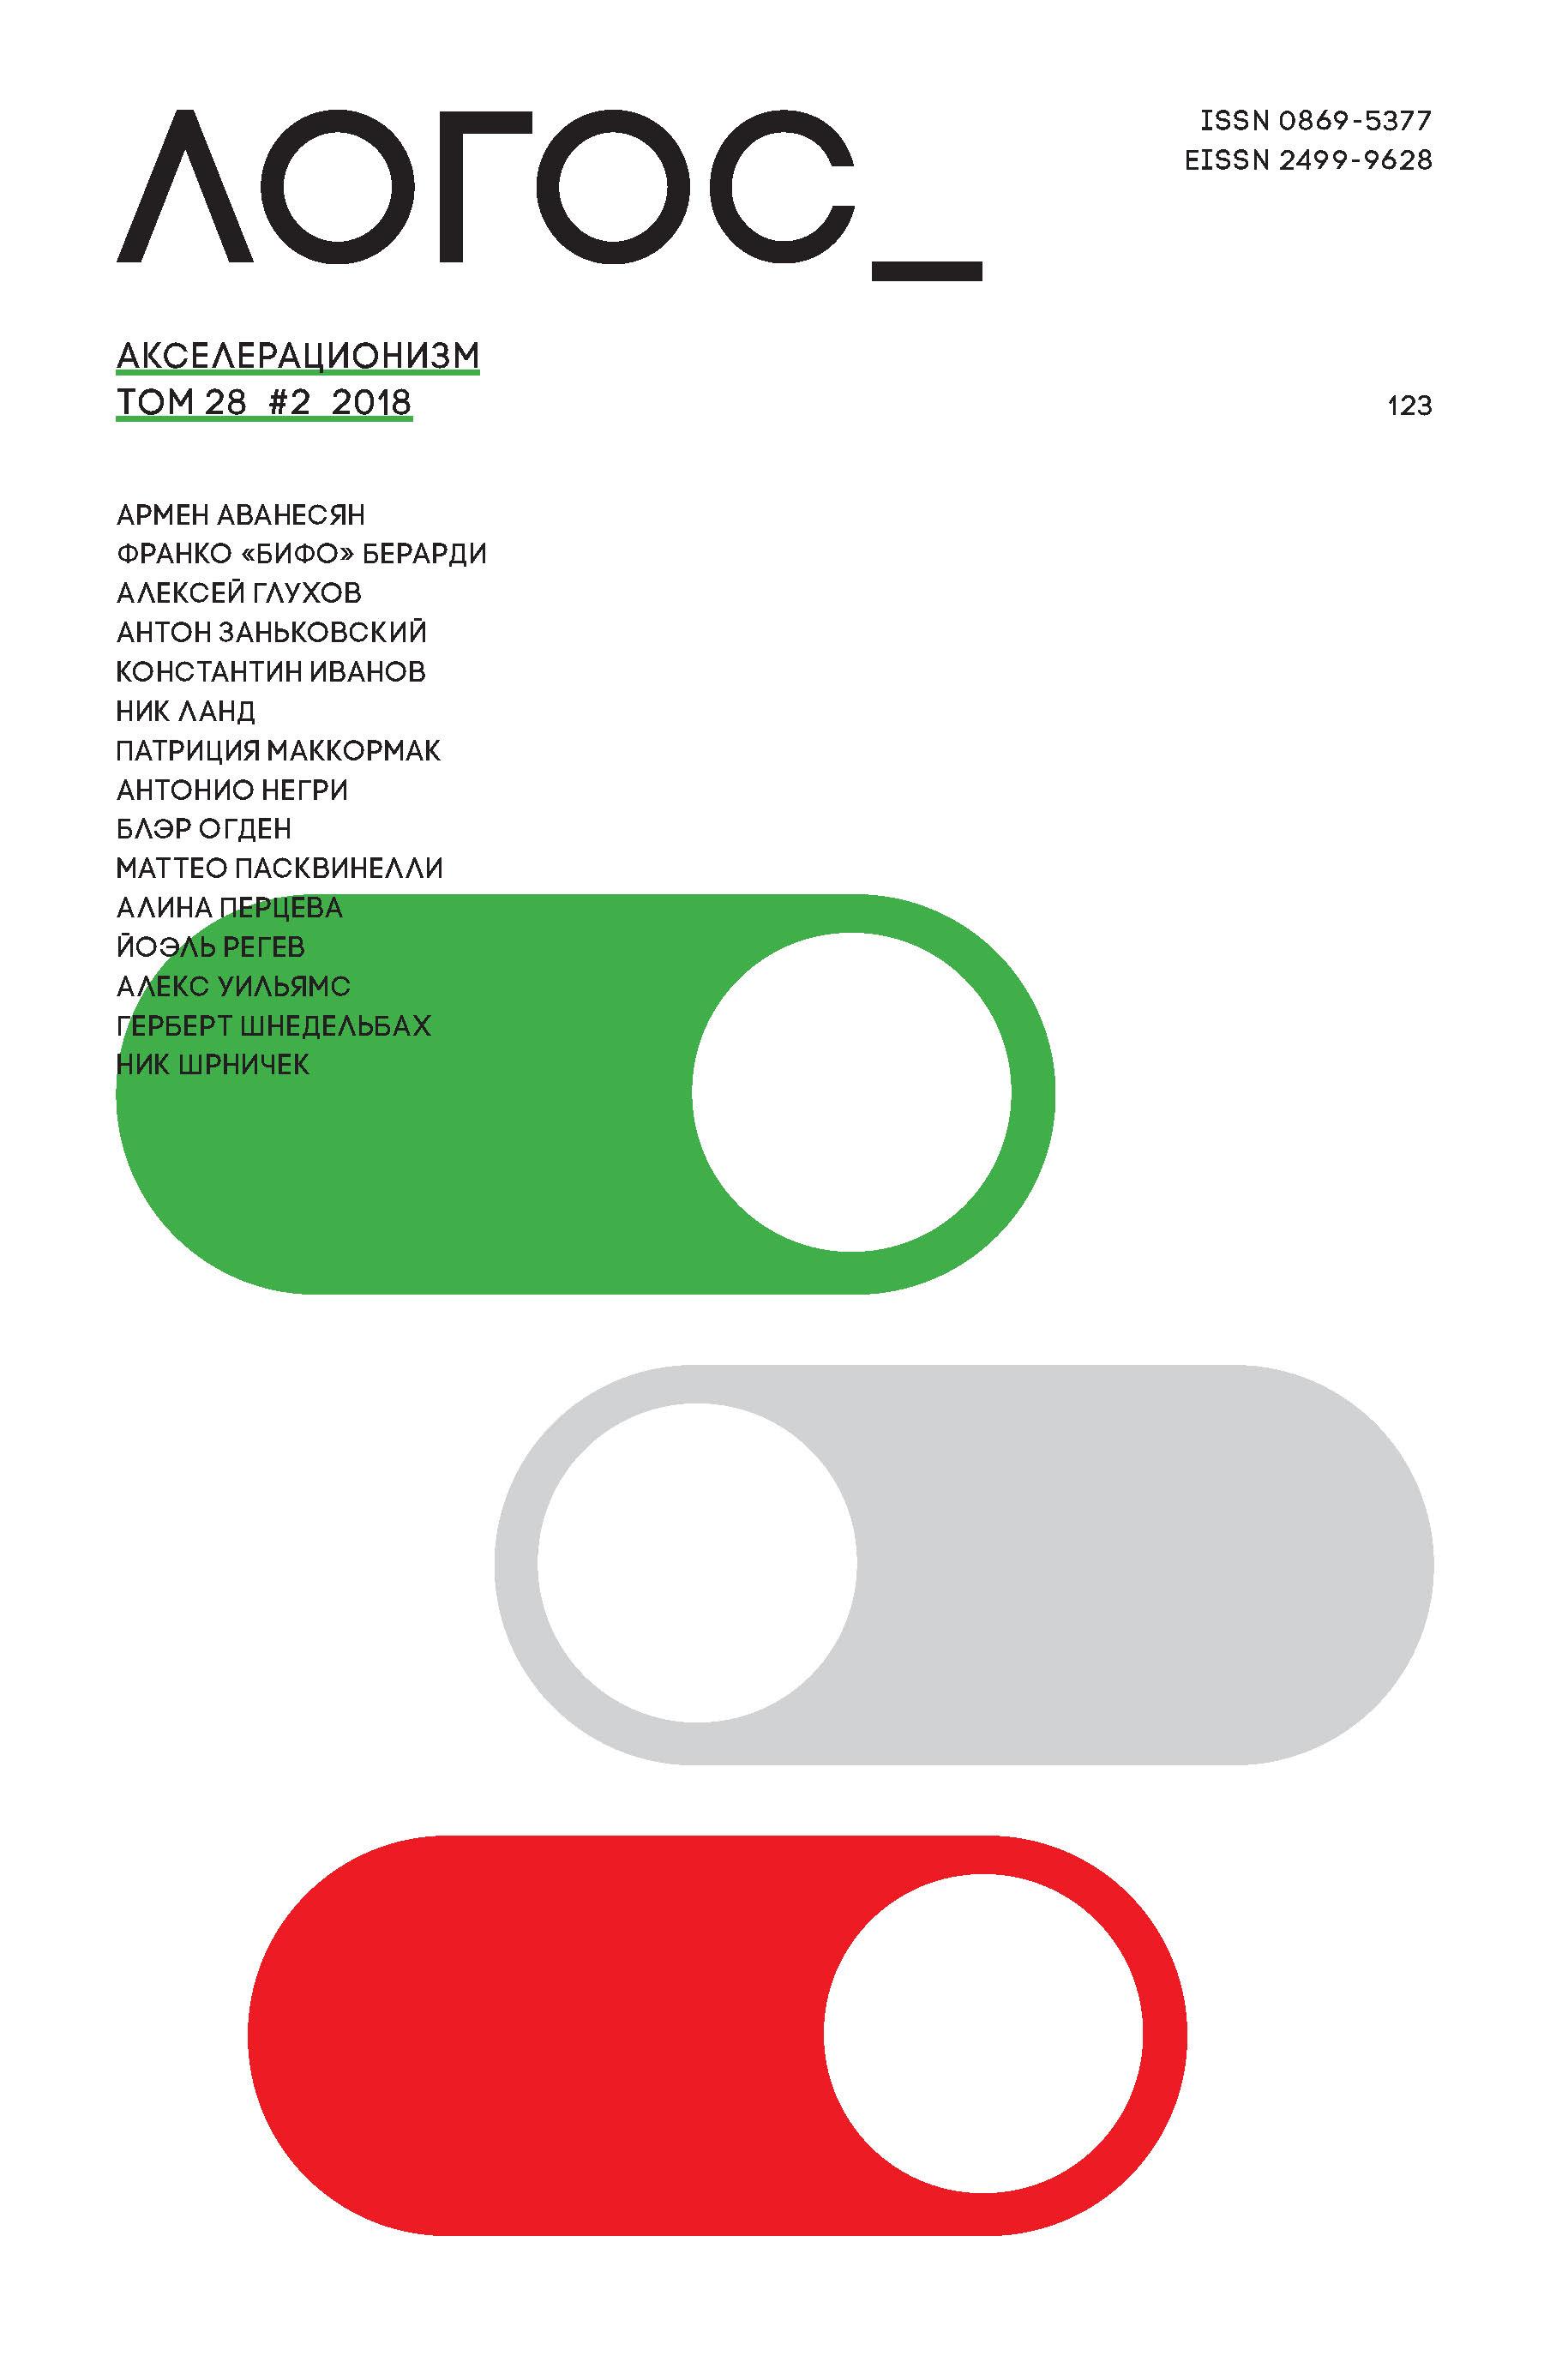 Отсутствует Журнал «Логос» №2/2018 рансьер ж эмансипированный зритель